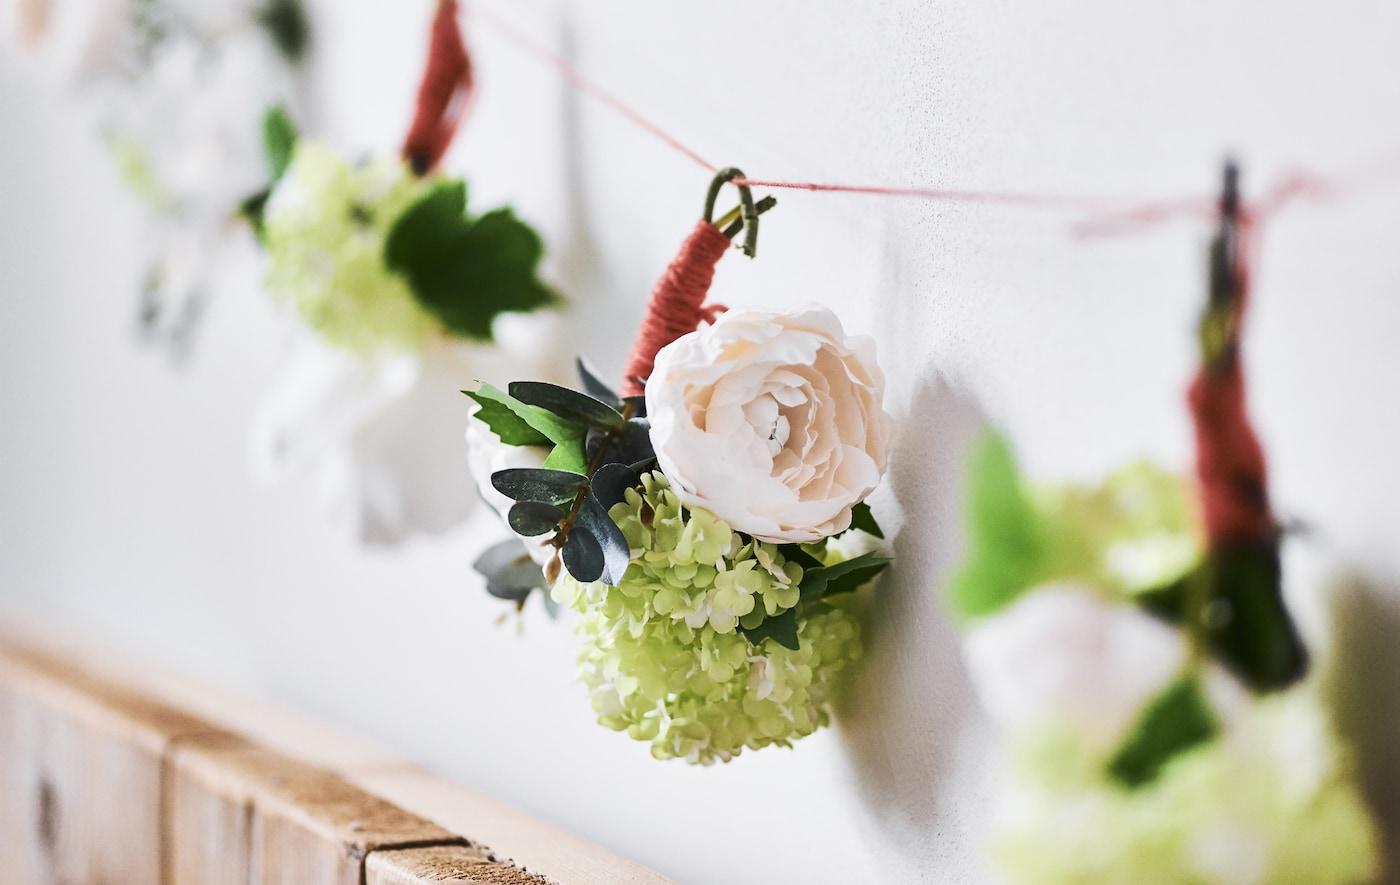 Nahaufnahme einer Blumengirlande an einer weissen Wand